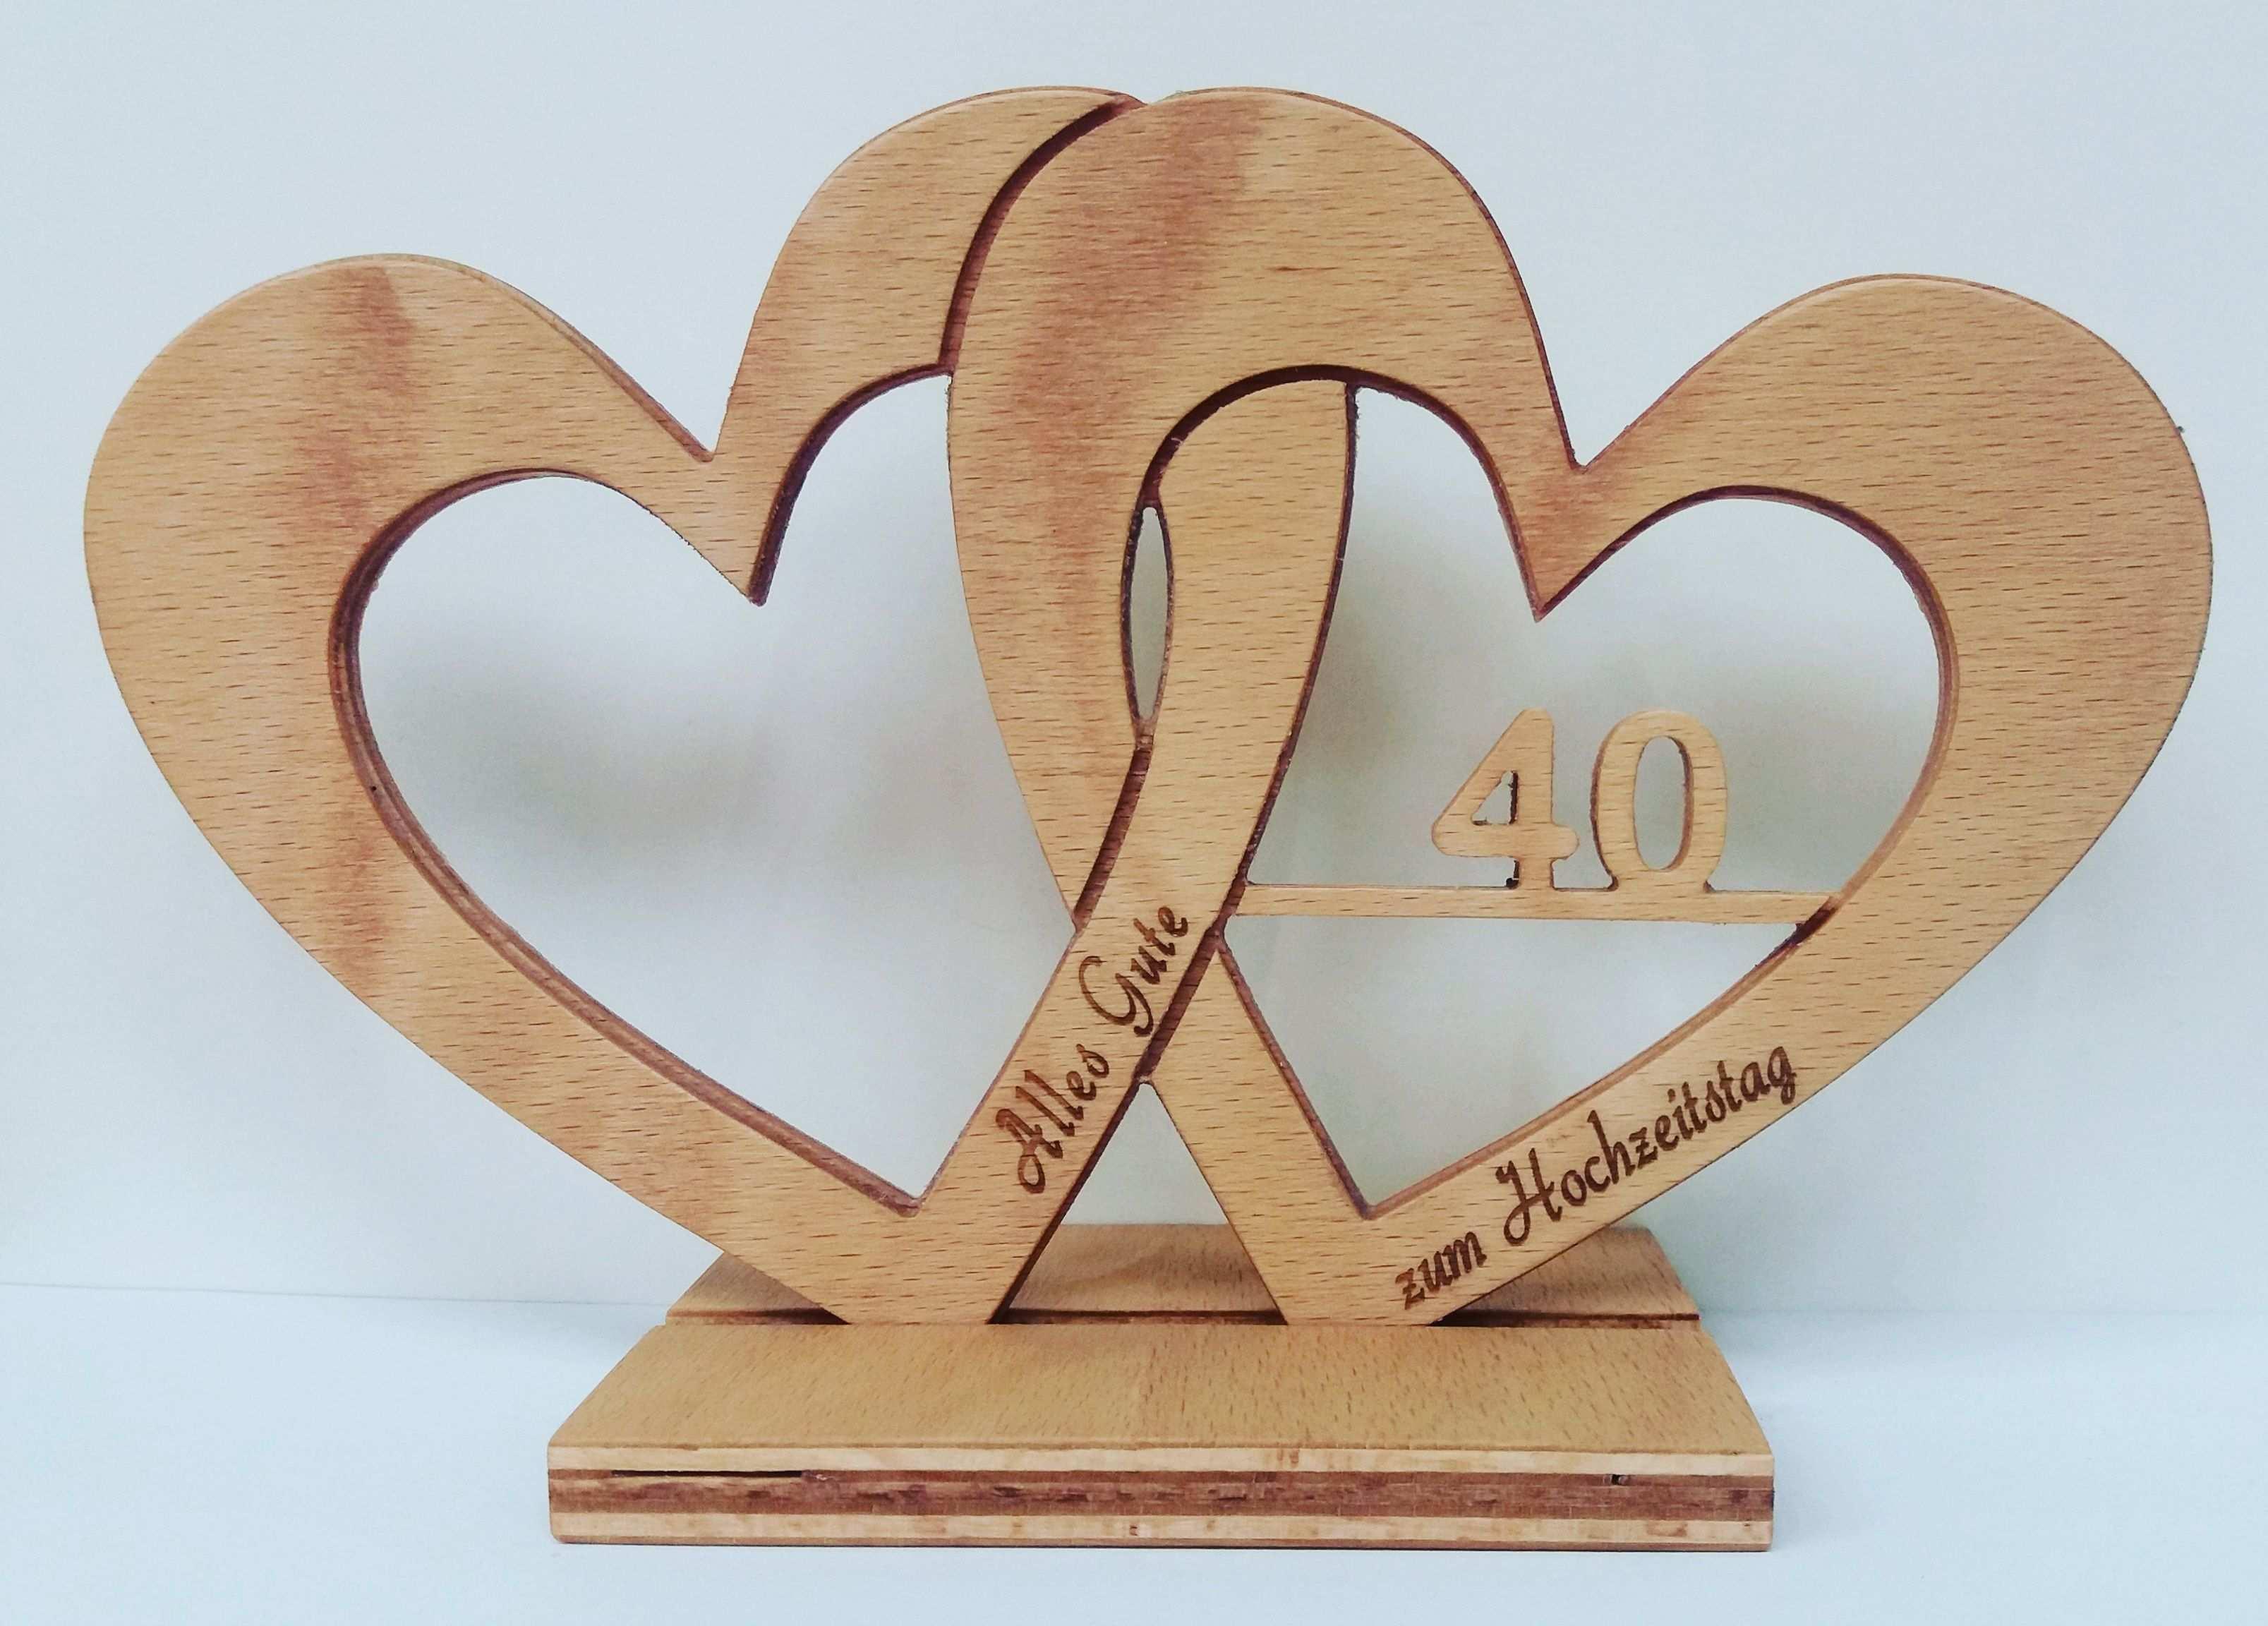 Hochzeitsherz Jubileum Mit Lasergravur Geschenke Basteln Mit Holz Holzgeschenke Laubsage Vorlagen Weihnachten